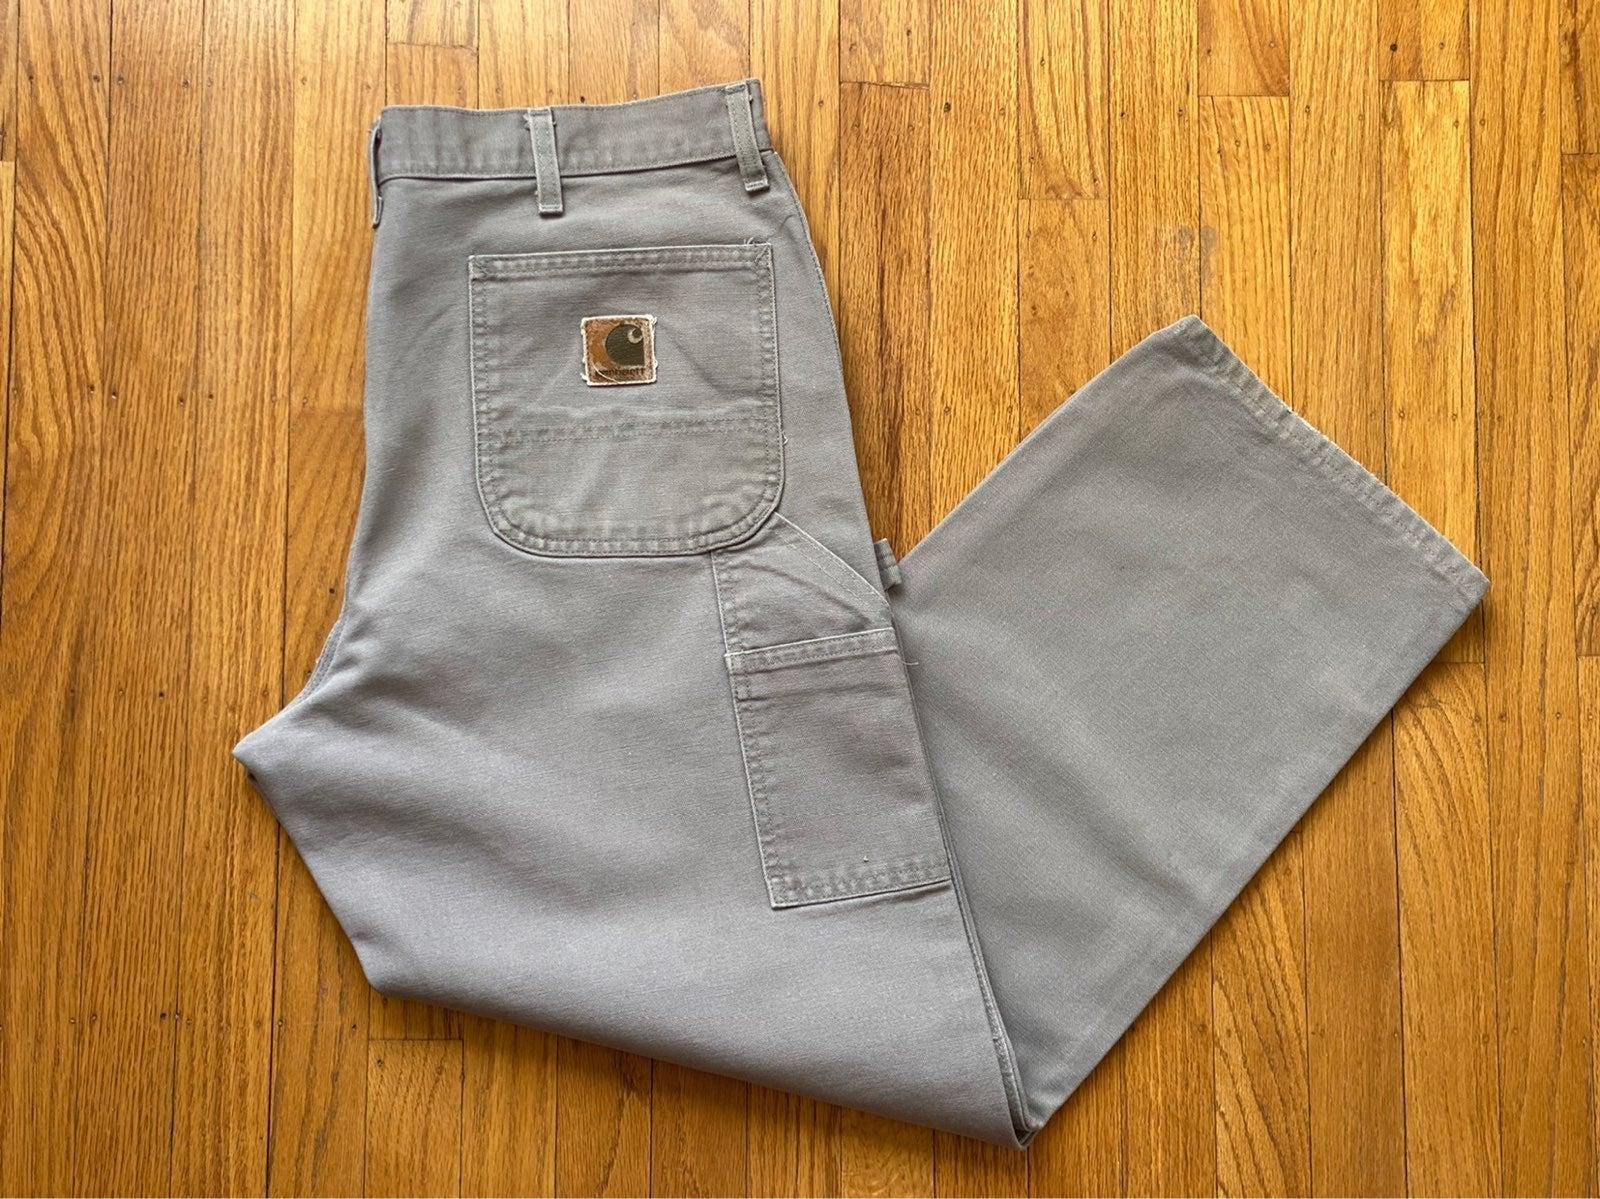 Vintage Carhartt Pants Sz 38x30